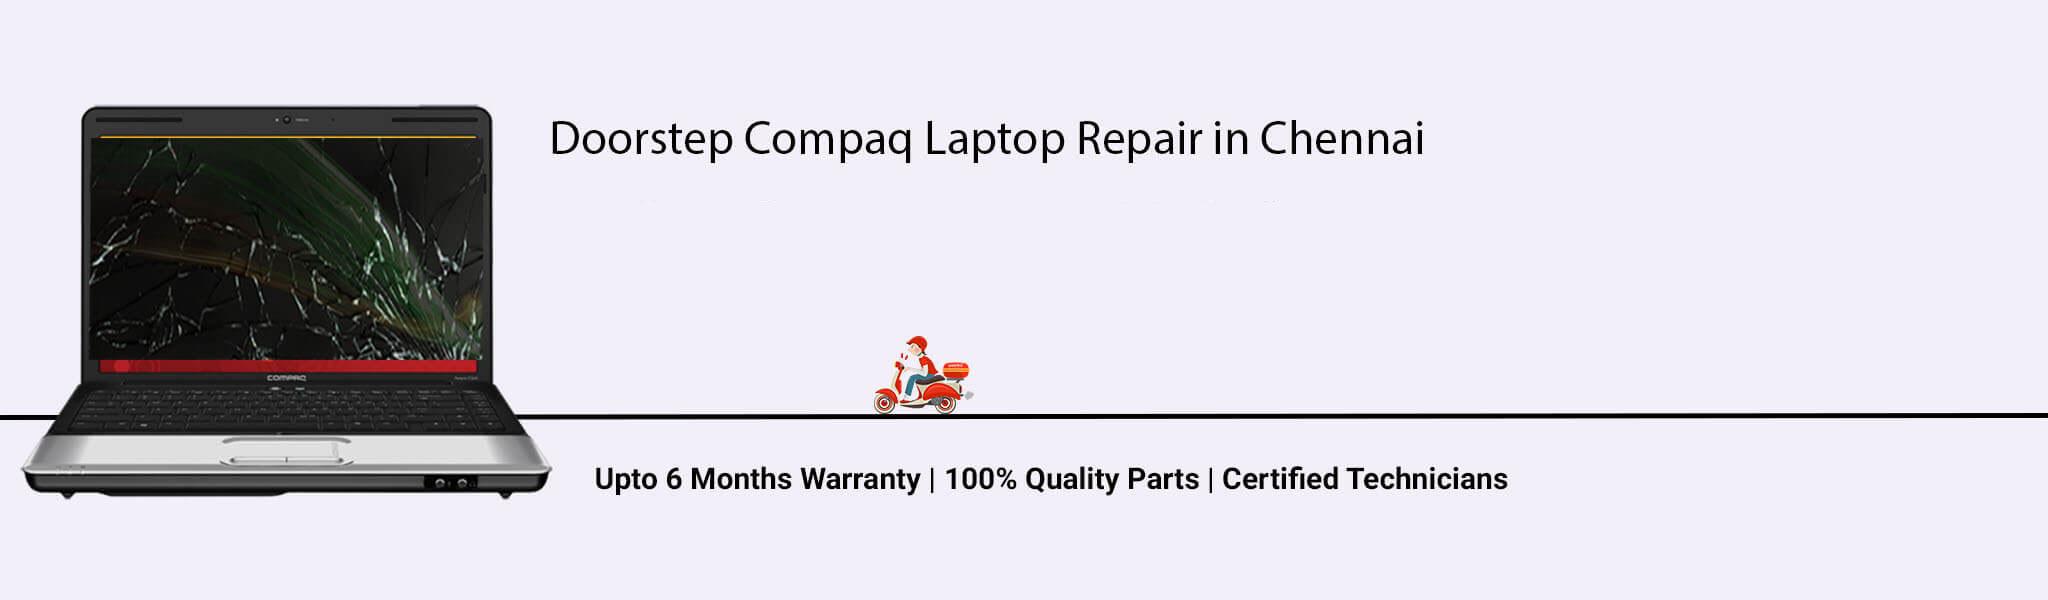 compaq-laptop-banner-chennai.jpg